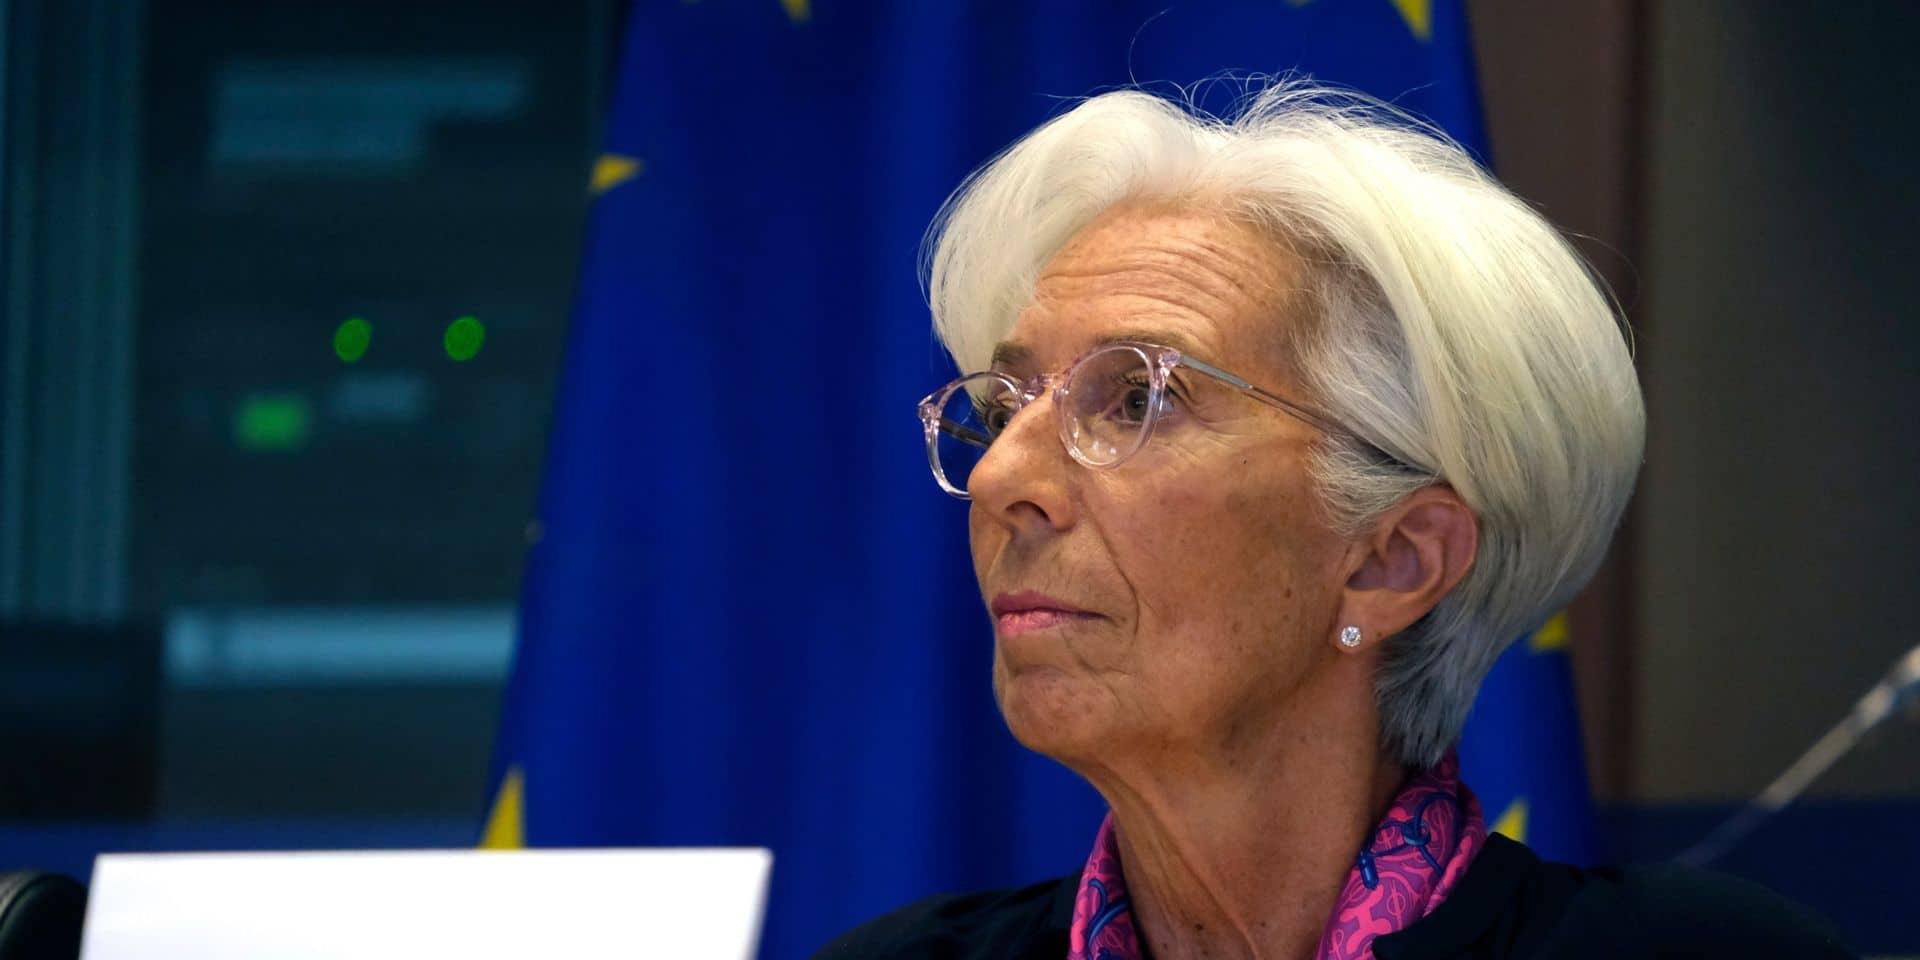 La BCE réfléchit à une mesure et un objectif d'inflation mieux compris du grand public